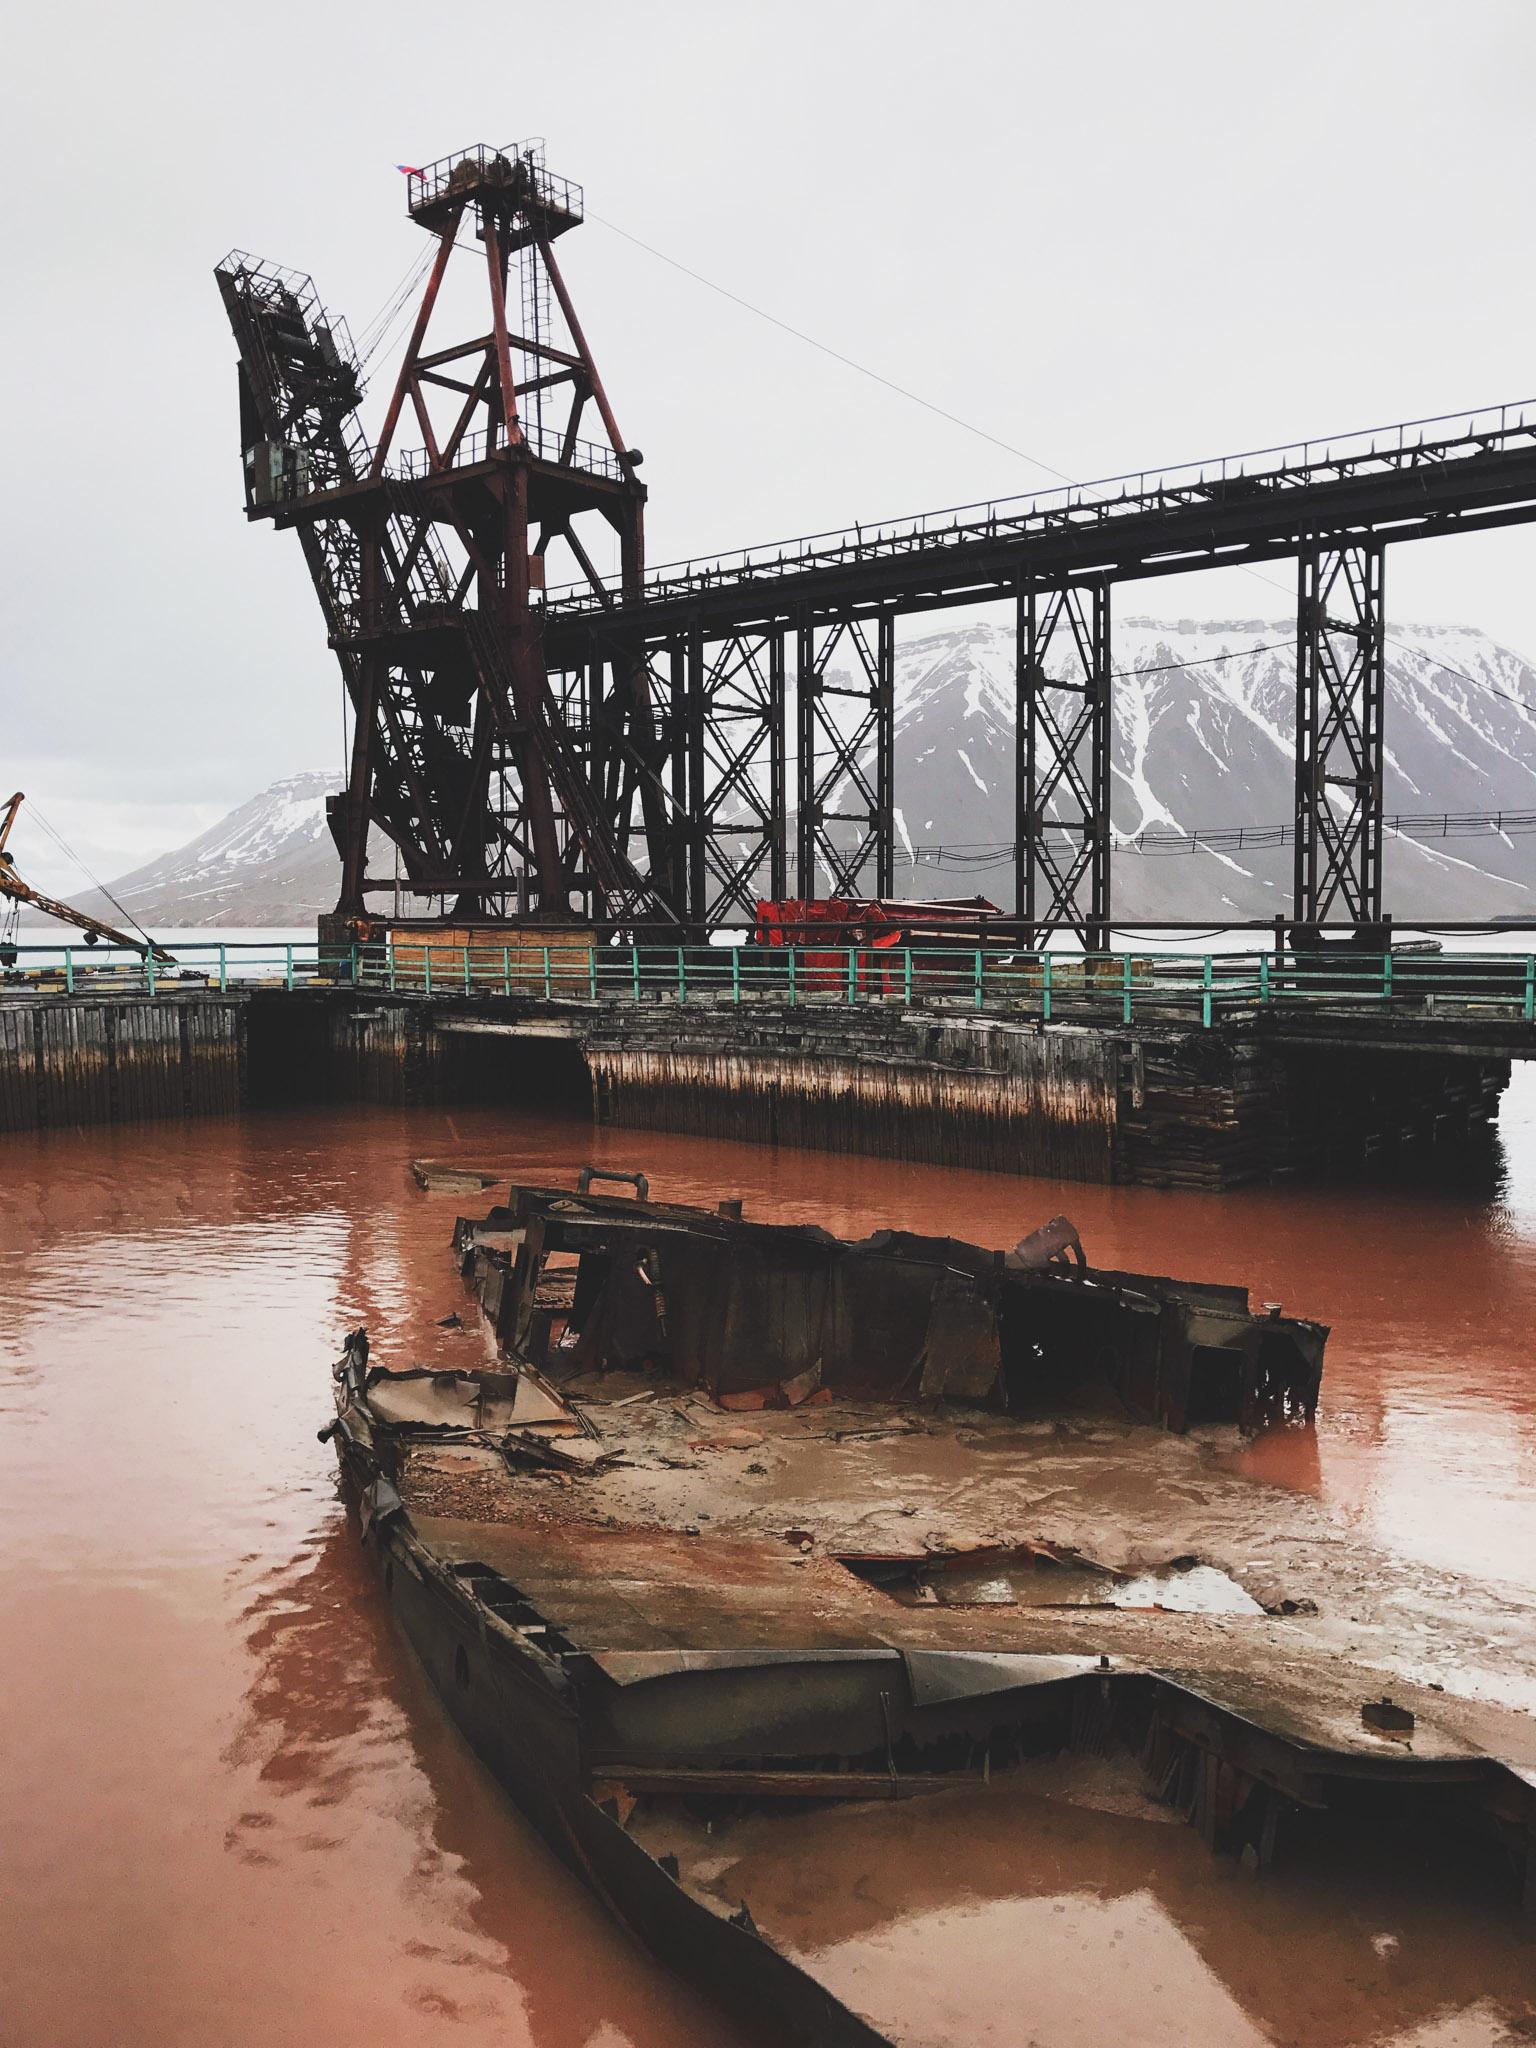 Svalbard_2018_Pukka_Perri_Rothenberg-145.jpg